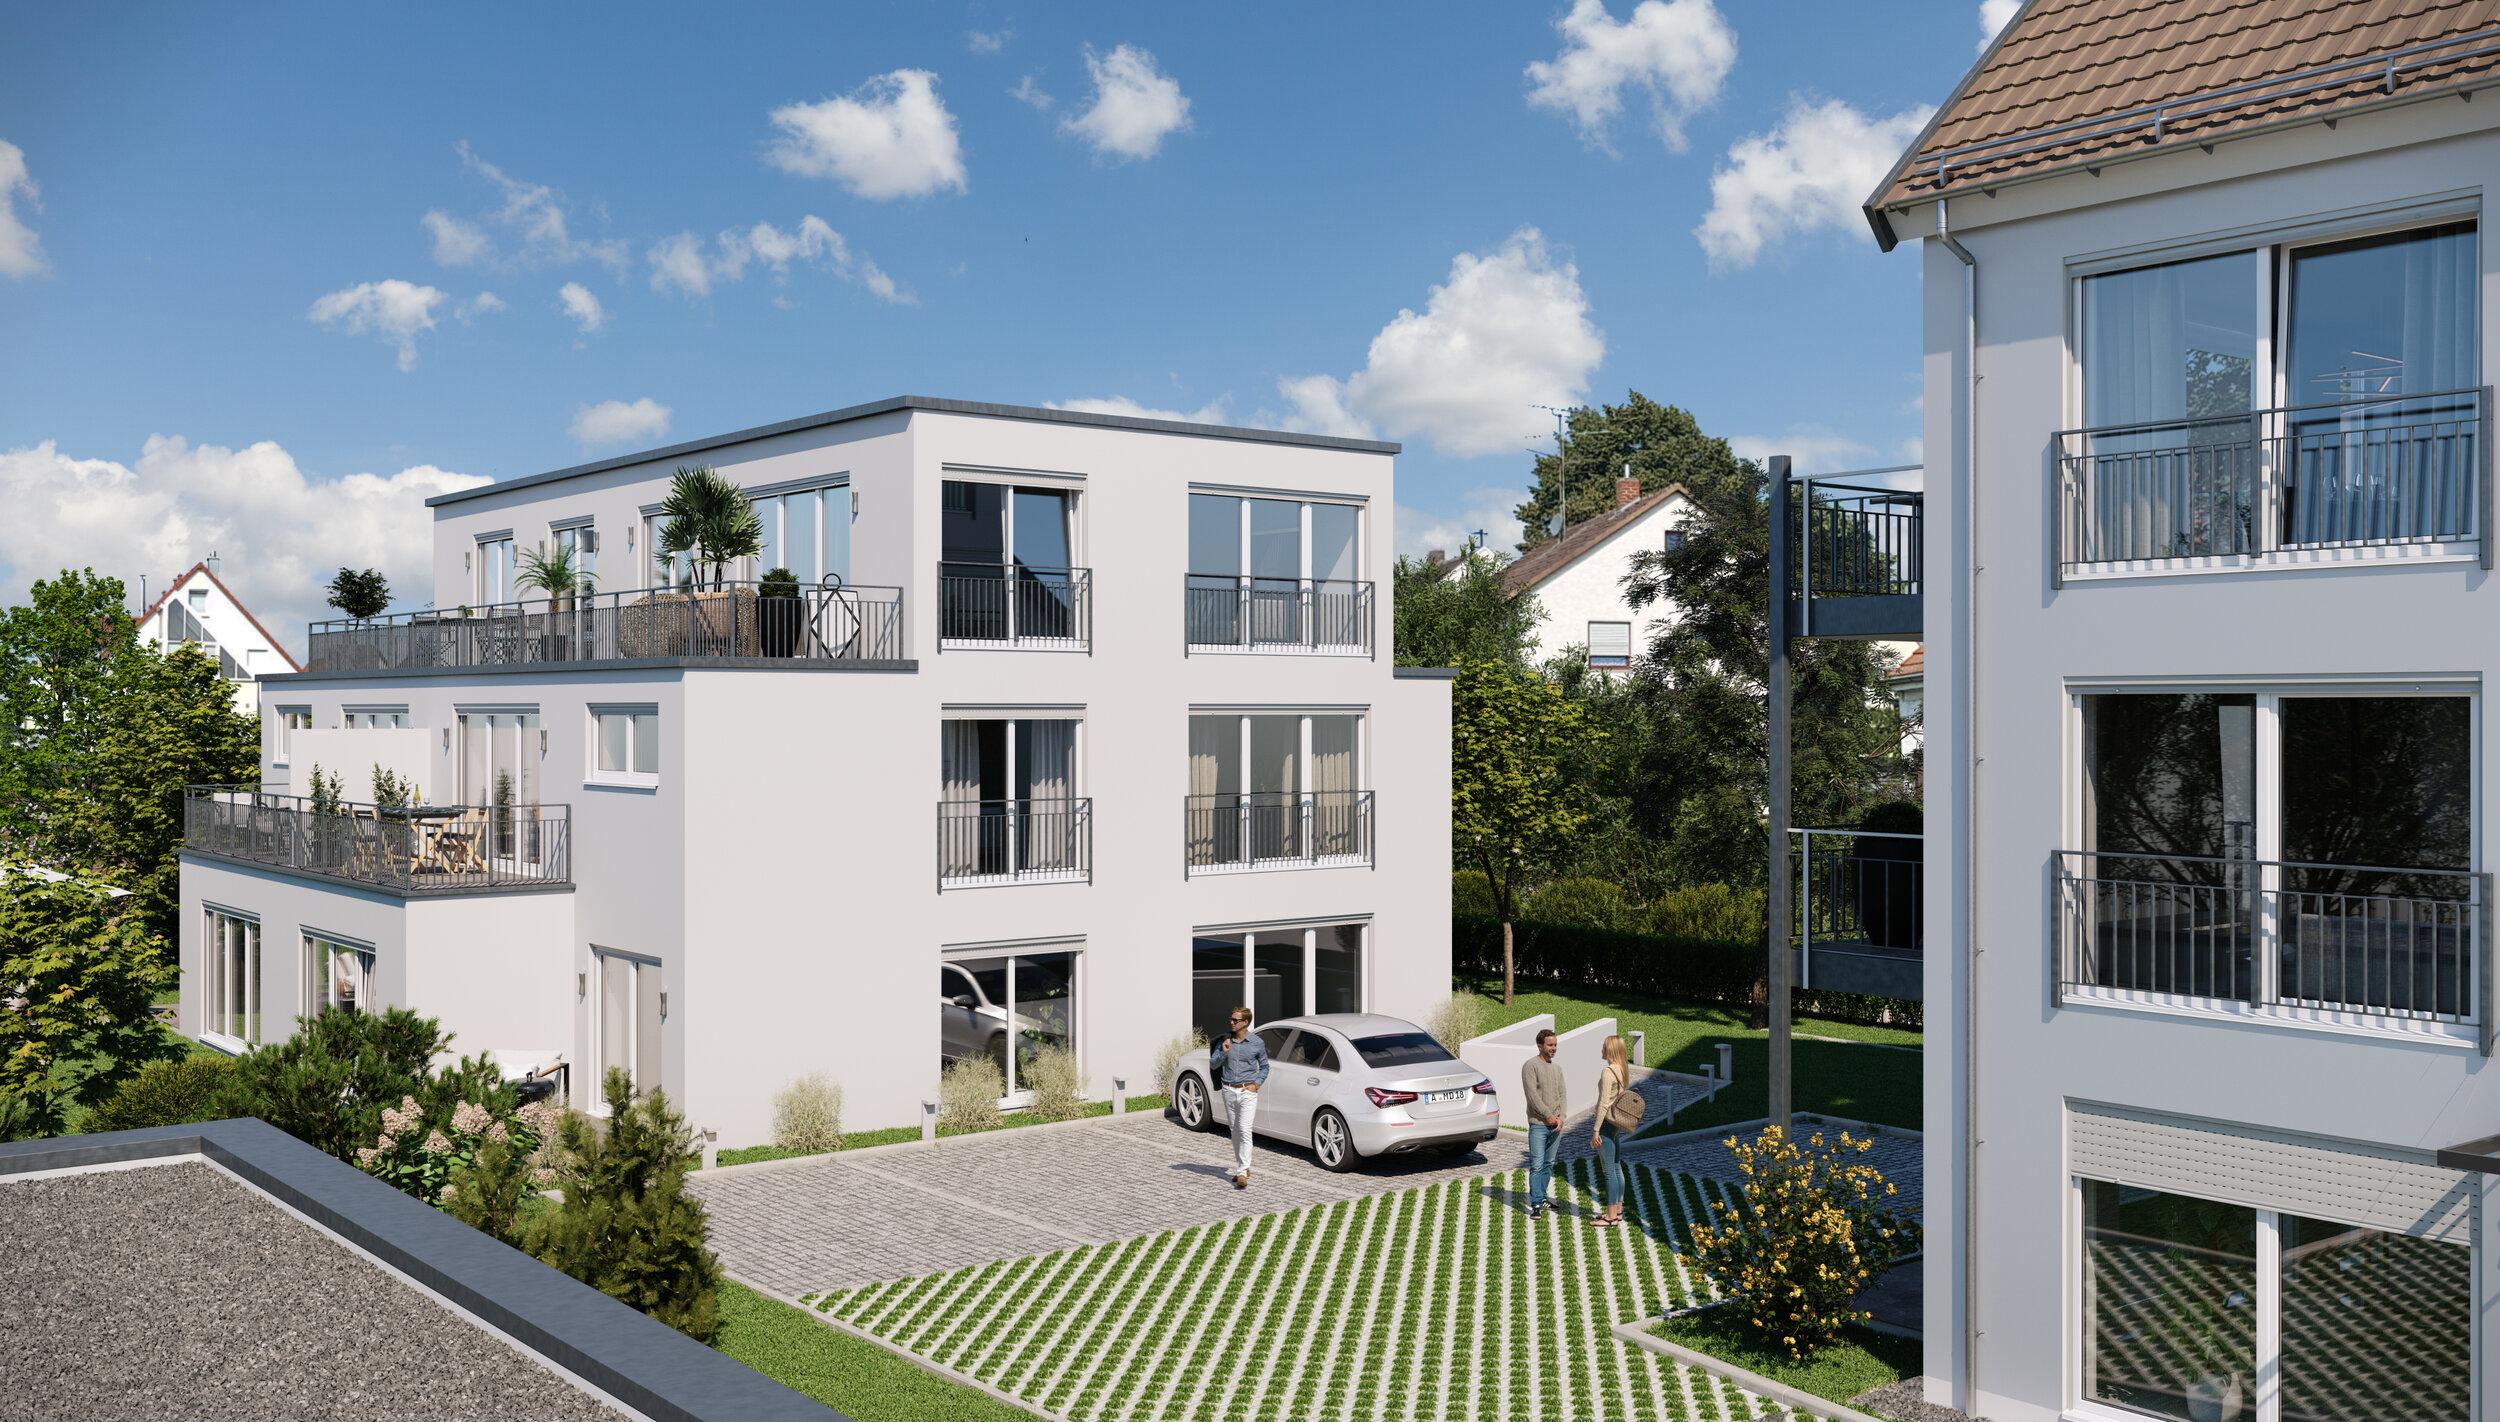 City_Residenz_Gersthofen_Innenhof.jpg